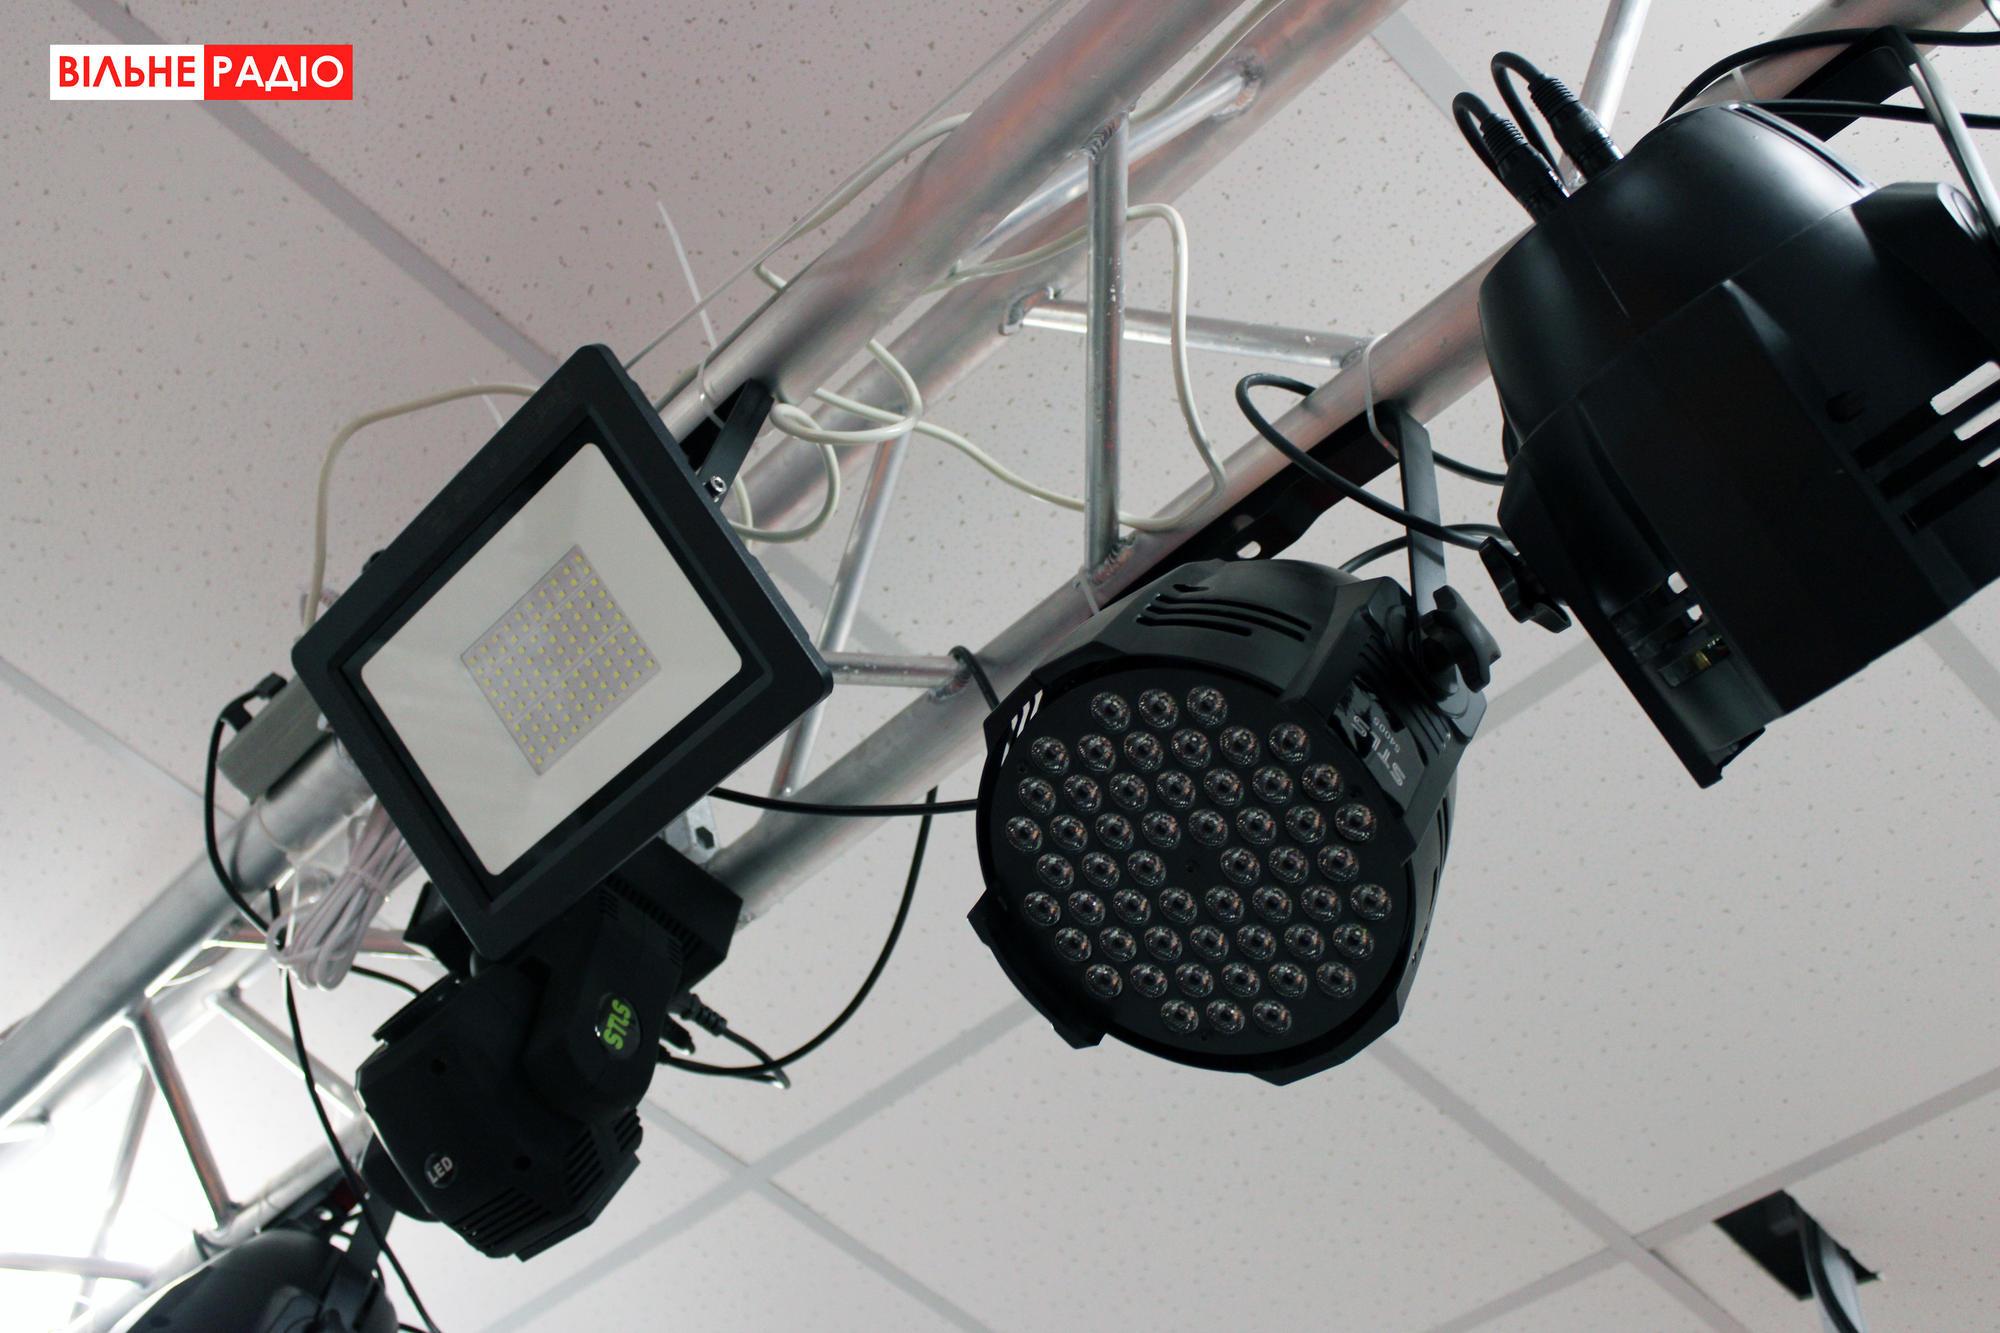 Оборудование, с коротым работают ильиновские актеры